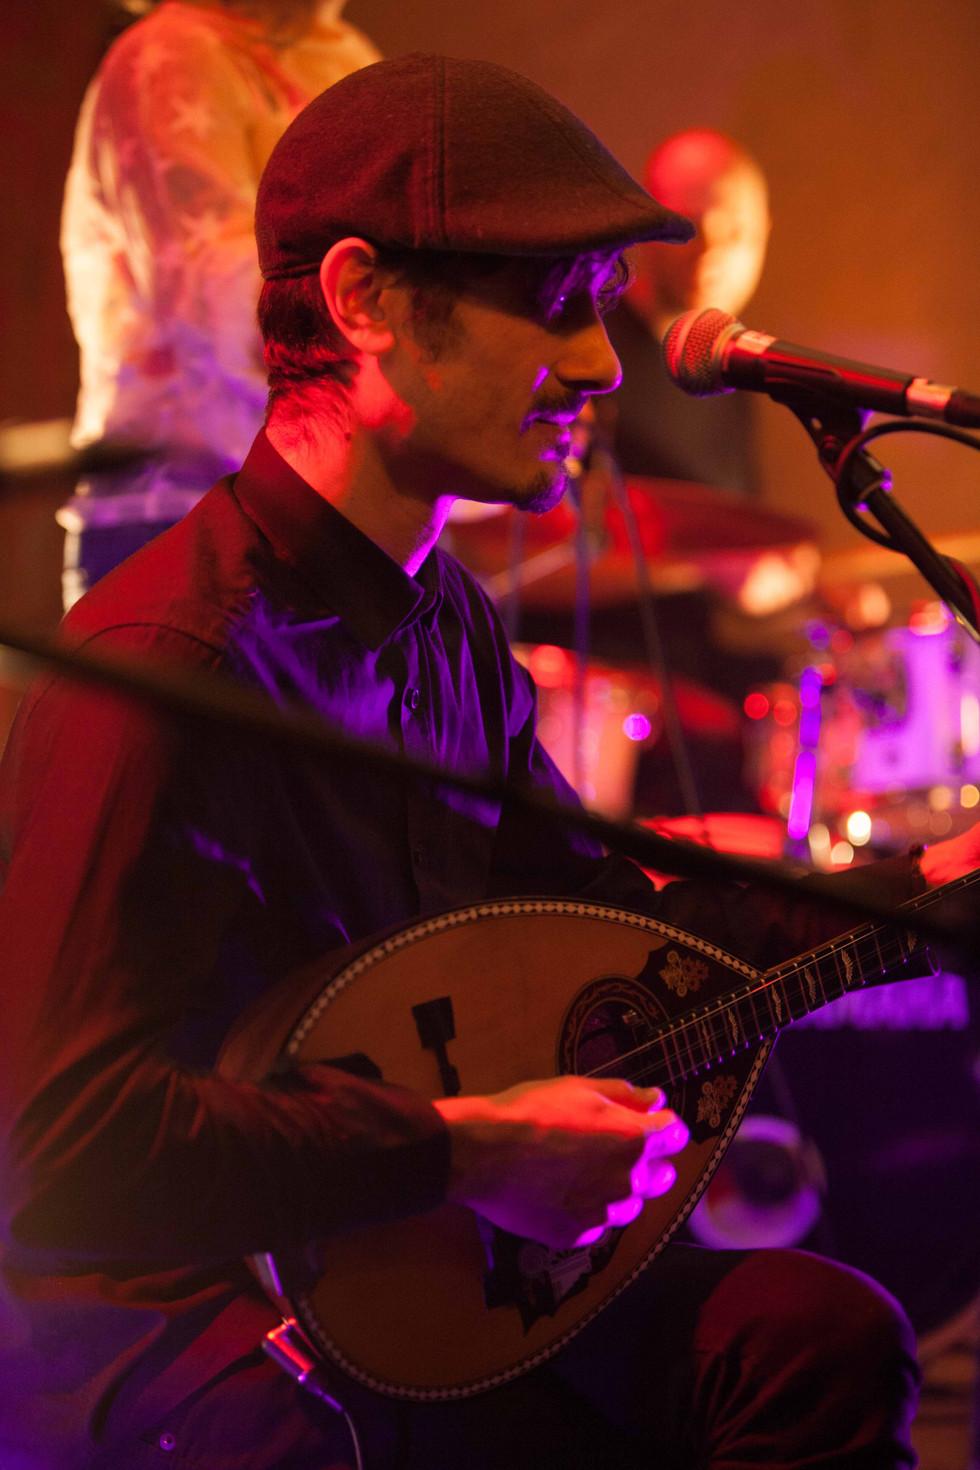 bazouki player London